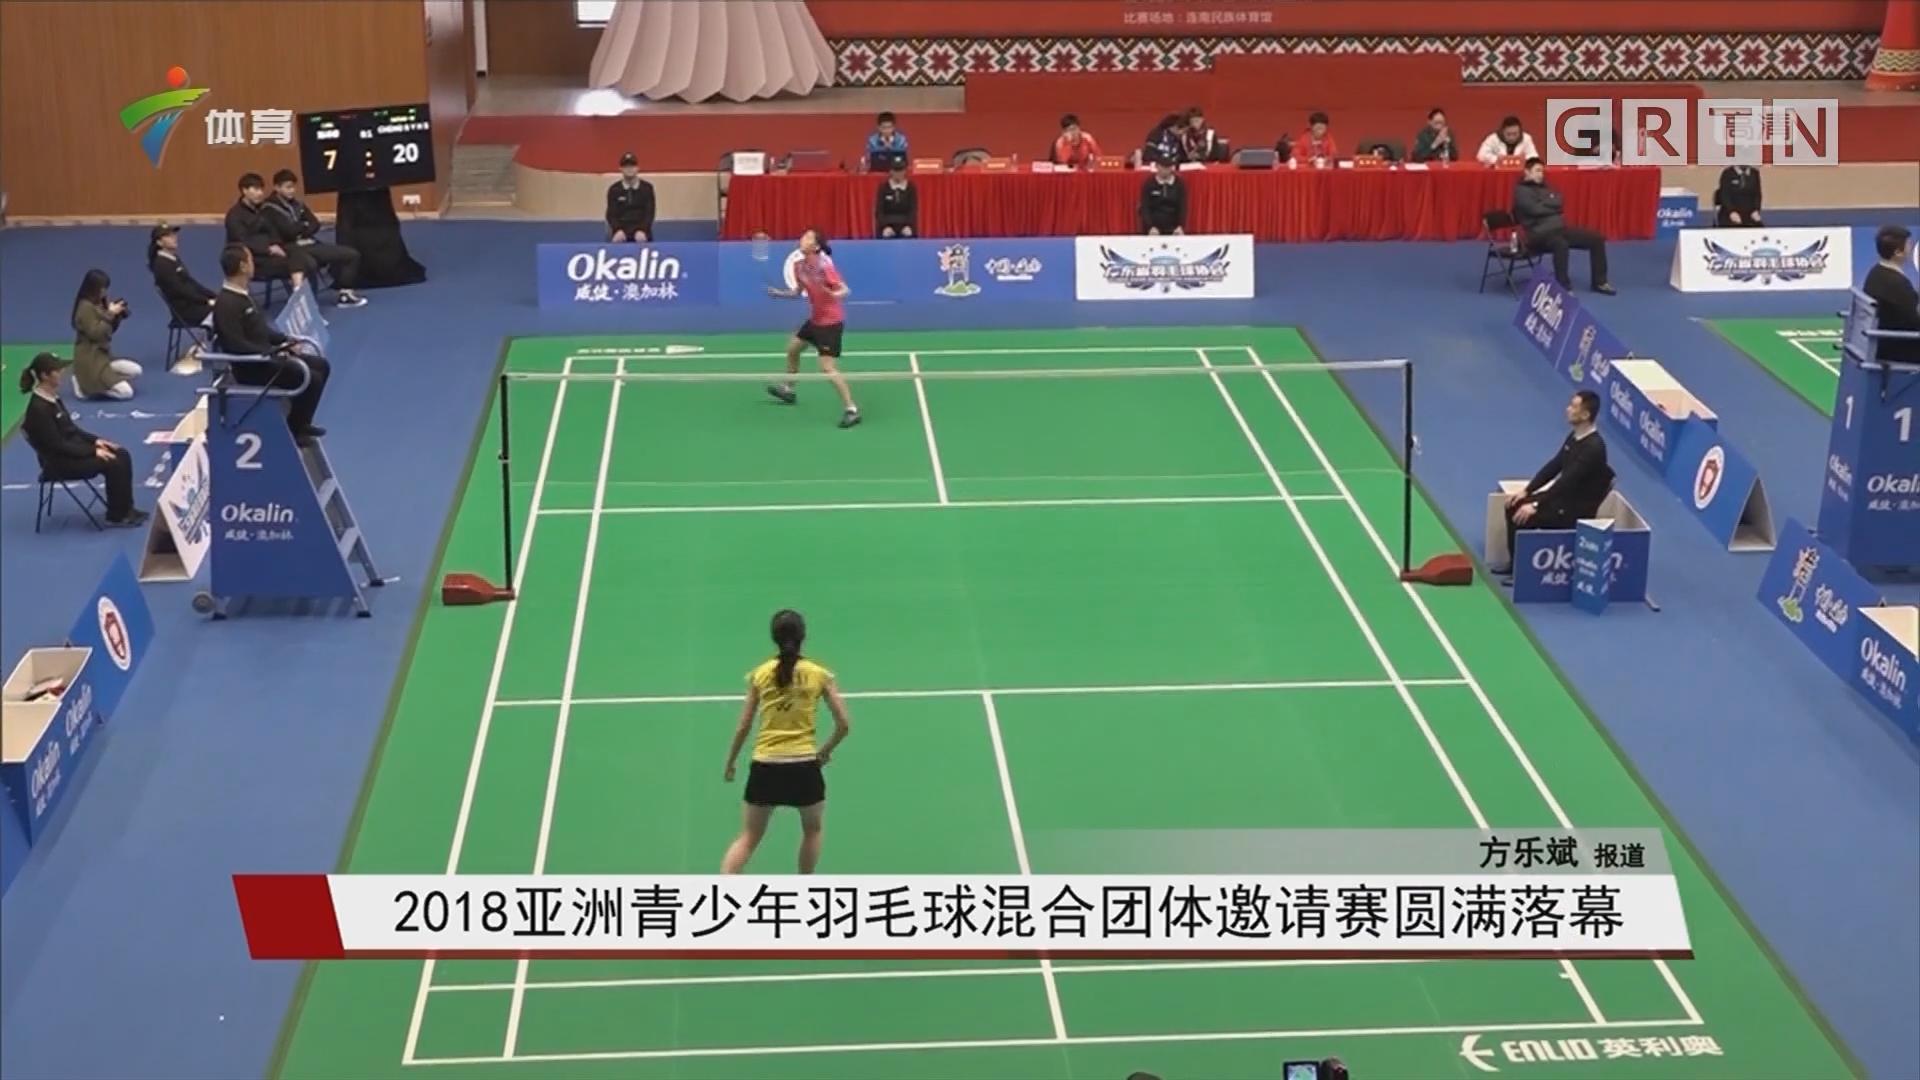 2018亚洲青少年羽毛球混合团体邀请赛圆满落幕